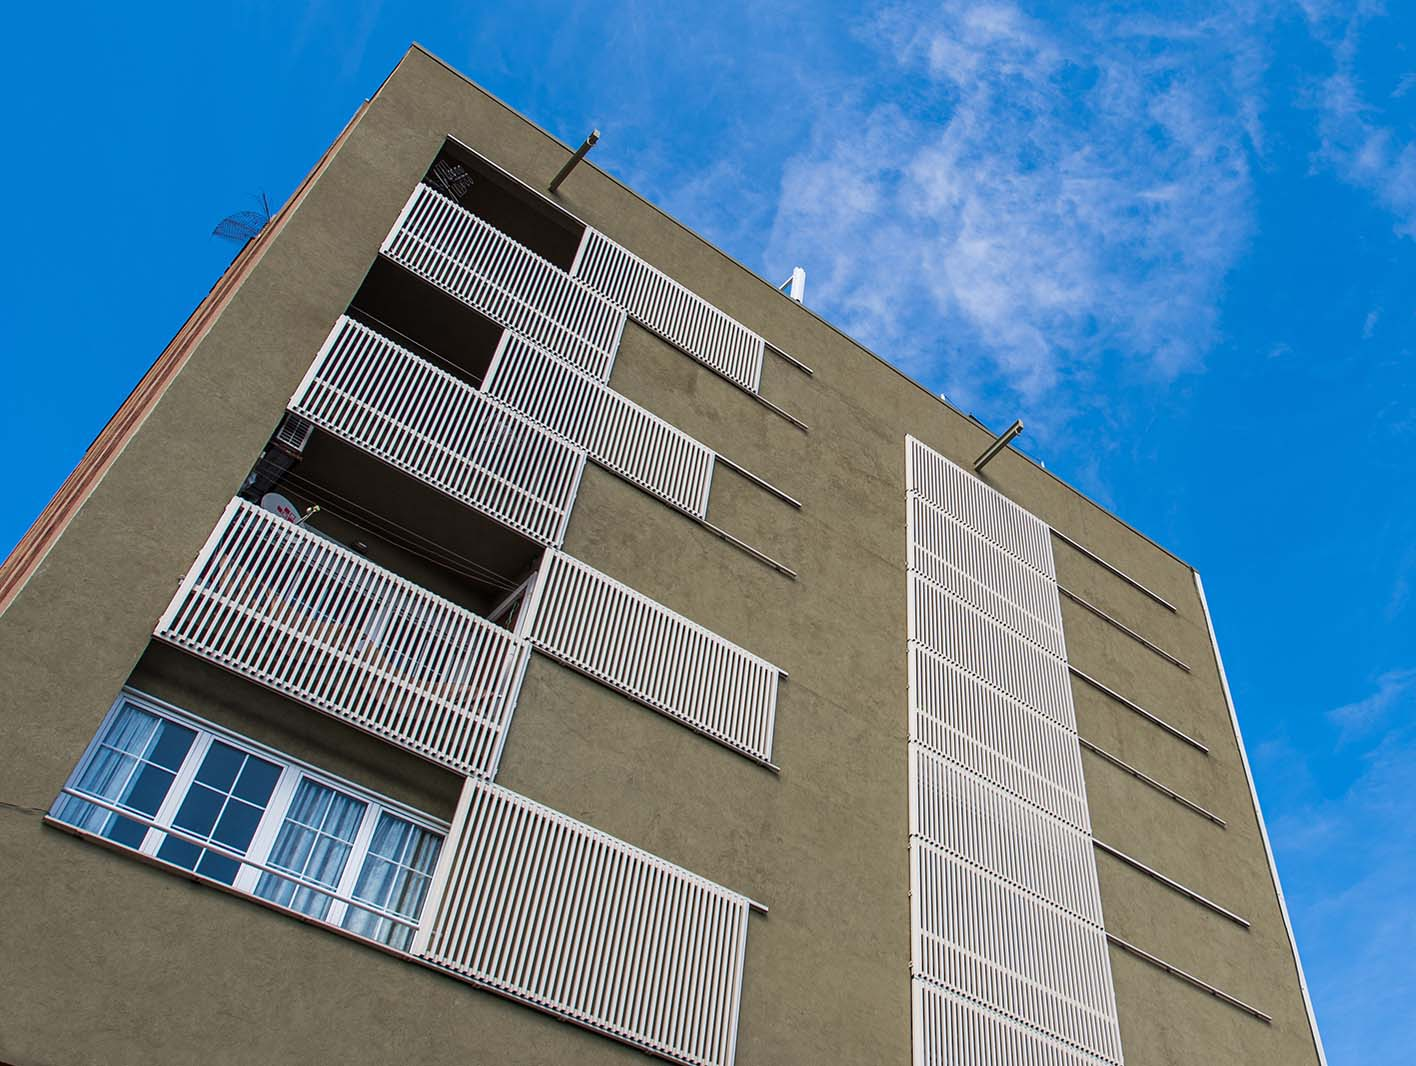 Proyector de rehabilitación barcelona Montcada 87-89 Terrassa img top